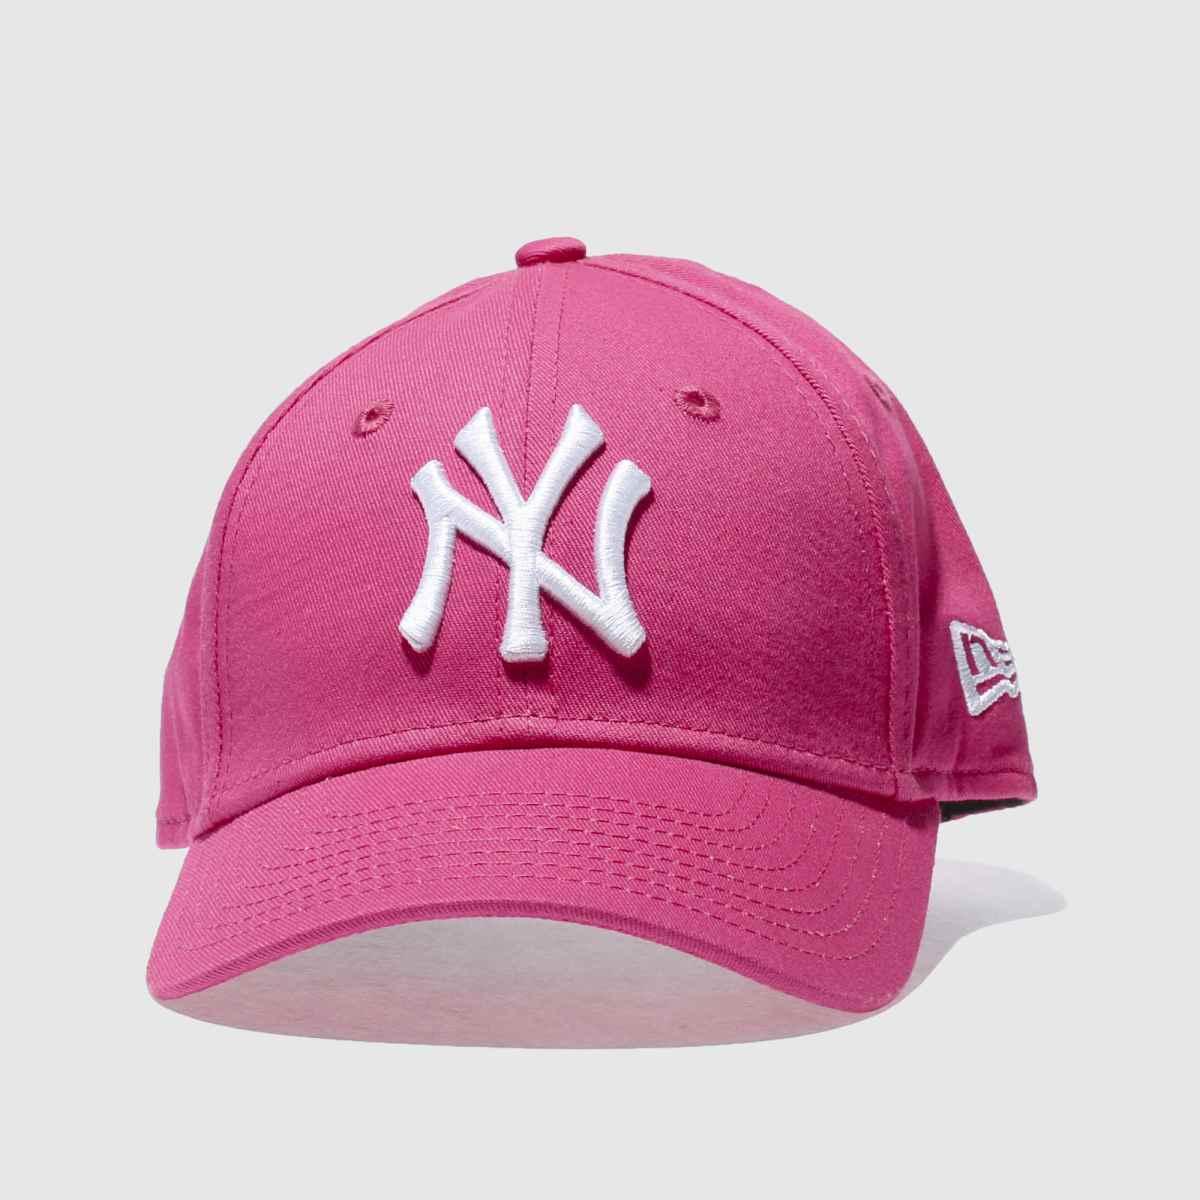 7ea3f9e508b New Era Pink Ny Yankees 9forty - £15.00 - Bullring   Grand Central